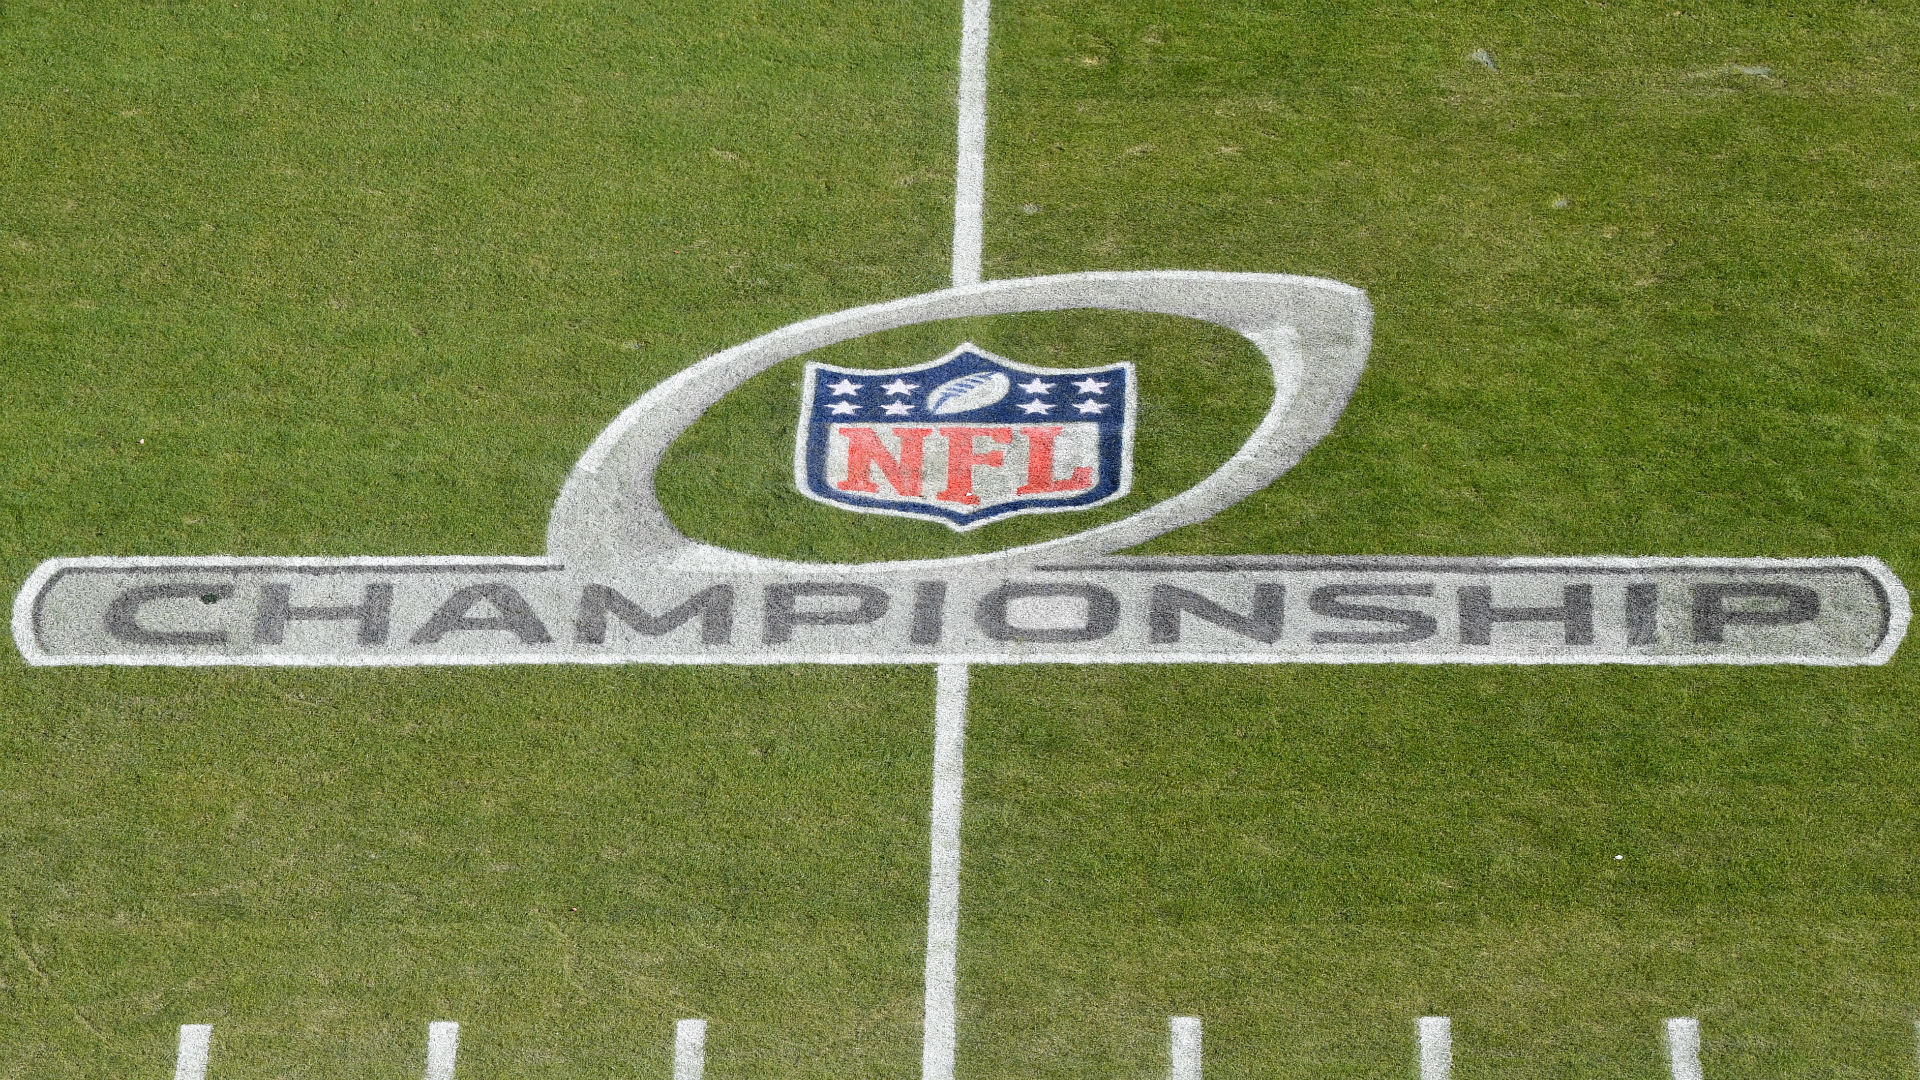 La NFL expandió los playoffs, explicó: ¿Cuántos equipos llegarán a los playoffs? ¿Qué más saber? 50